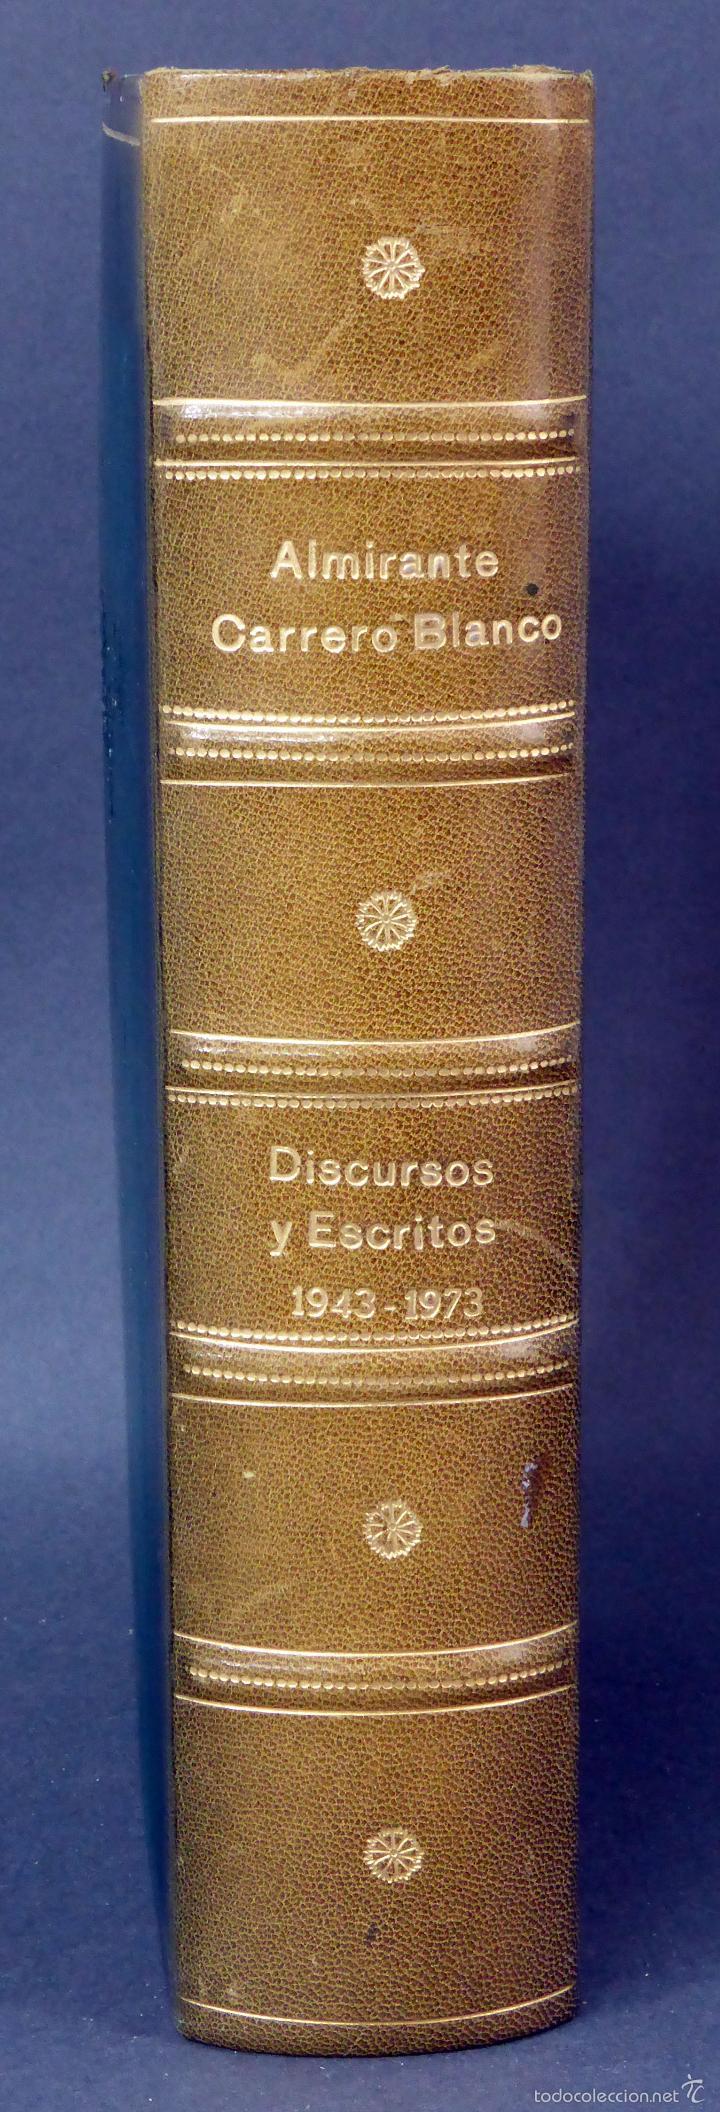 Militaria: Discursos y escritos Almirante Carrero Blanco 1943 - 1973 Inst Estudios Políticos 1974 - Foto 2 - 60423319